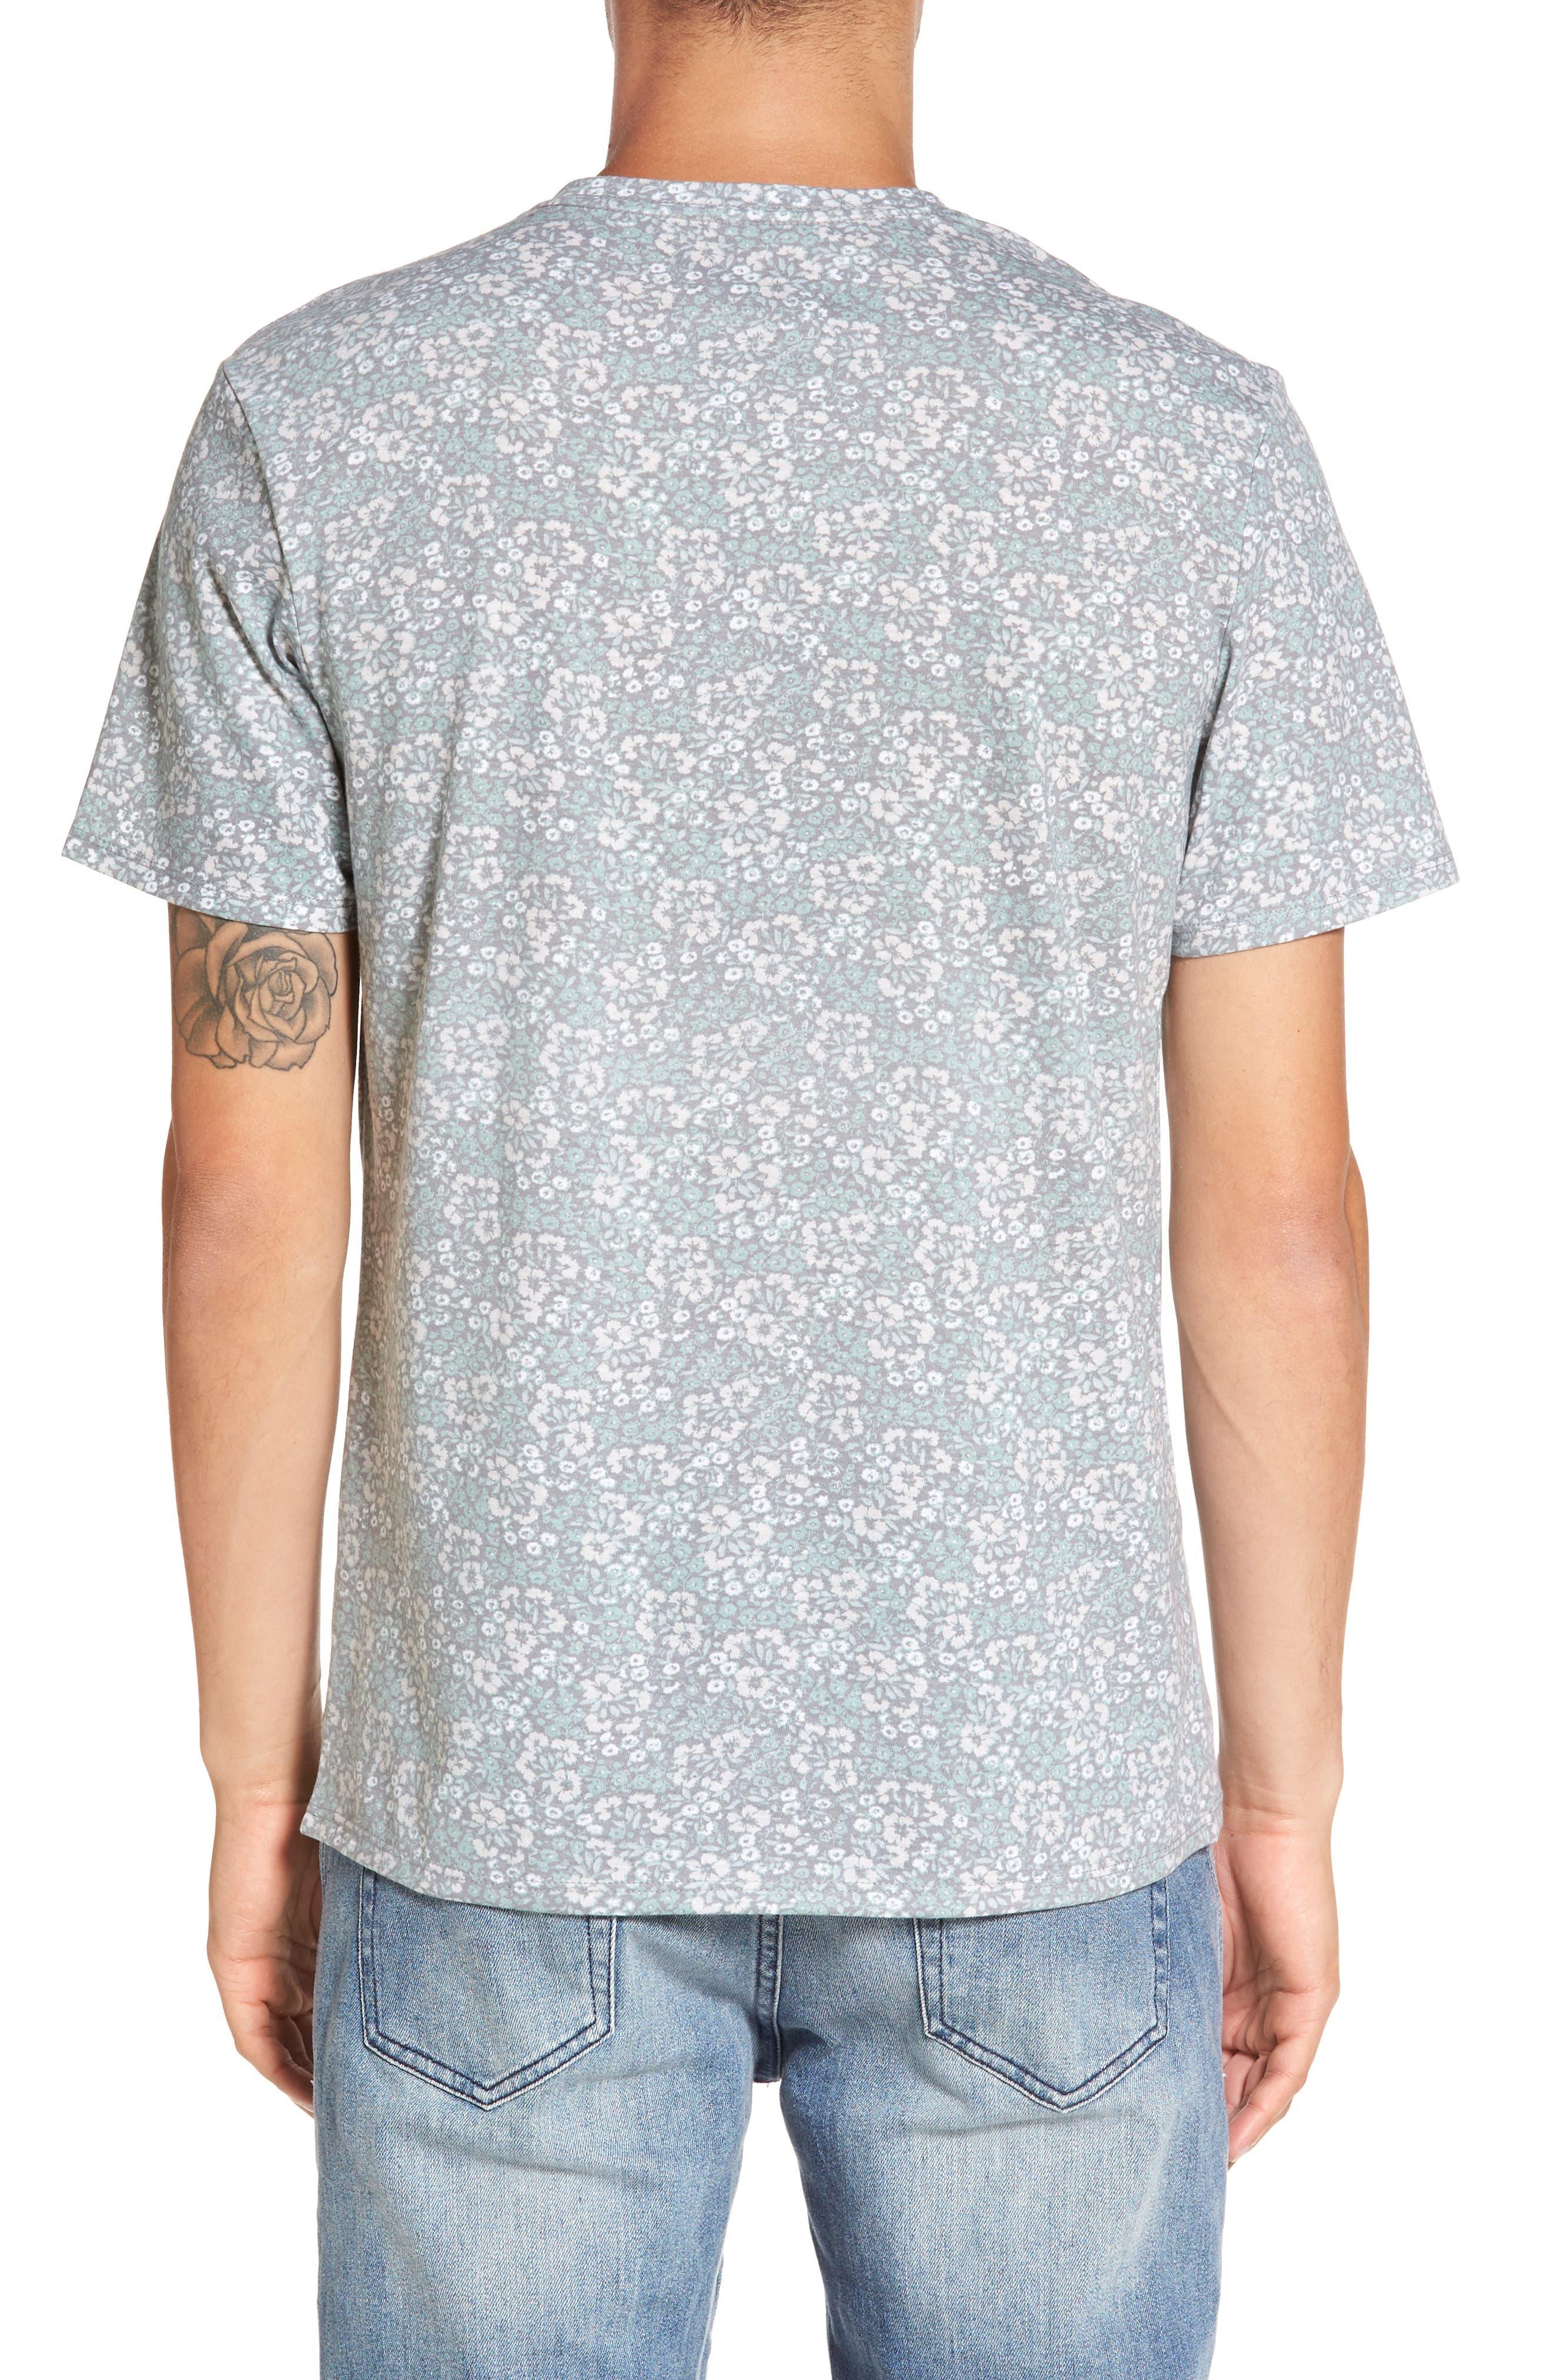 Alternate Image 2  - The Rail V-Neck T-Shirt (2 for $30)